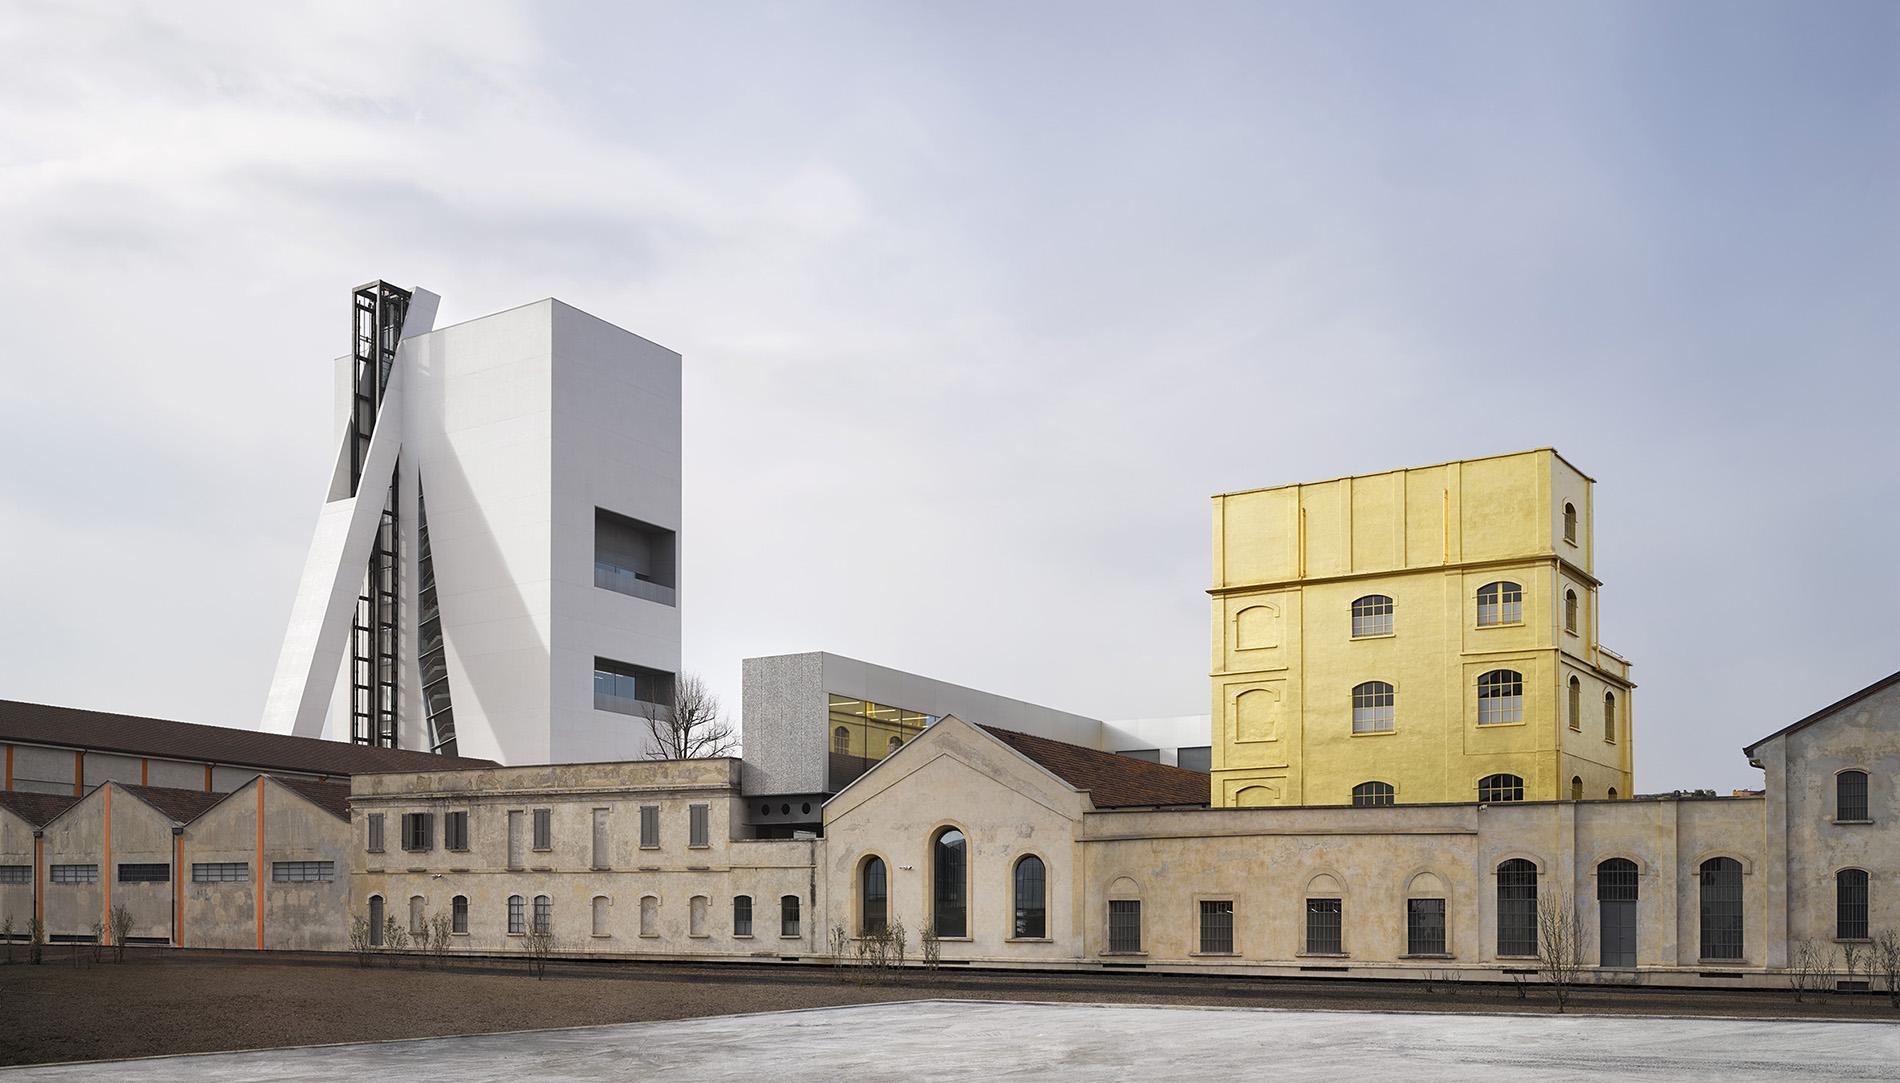 Torre Fondazione Prada, Milan, Architectural project by OMA (Foto: Bas Princen), Courtesy Fondazione Prada